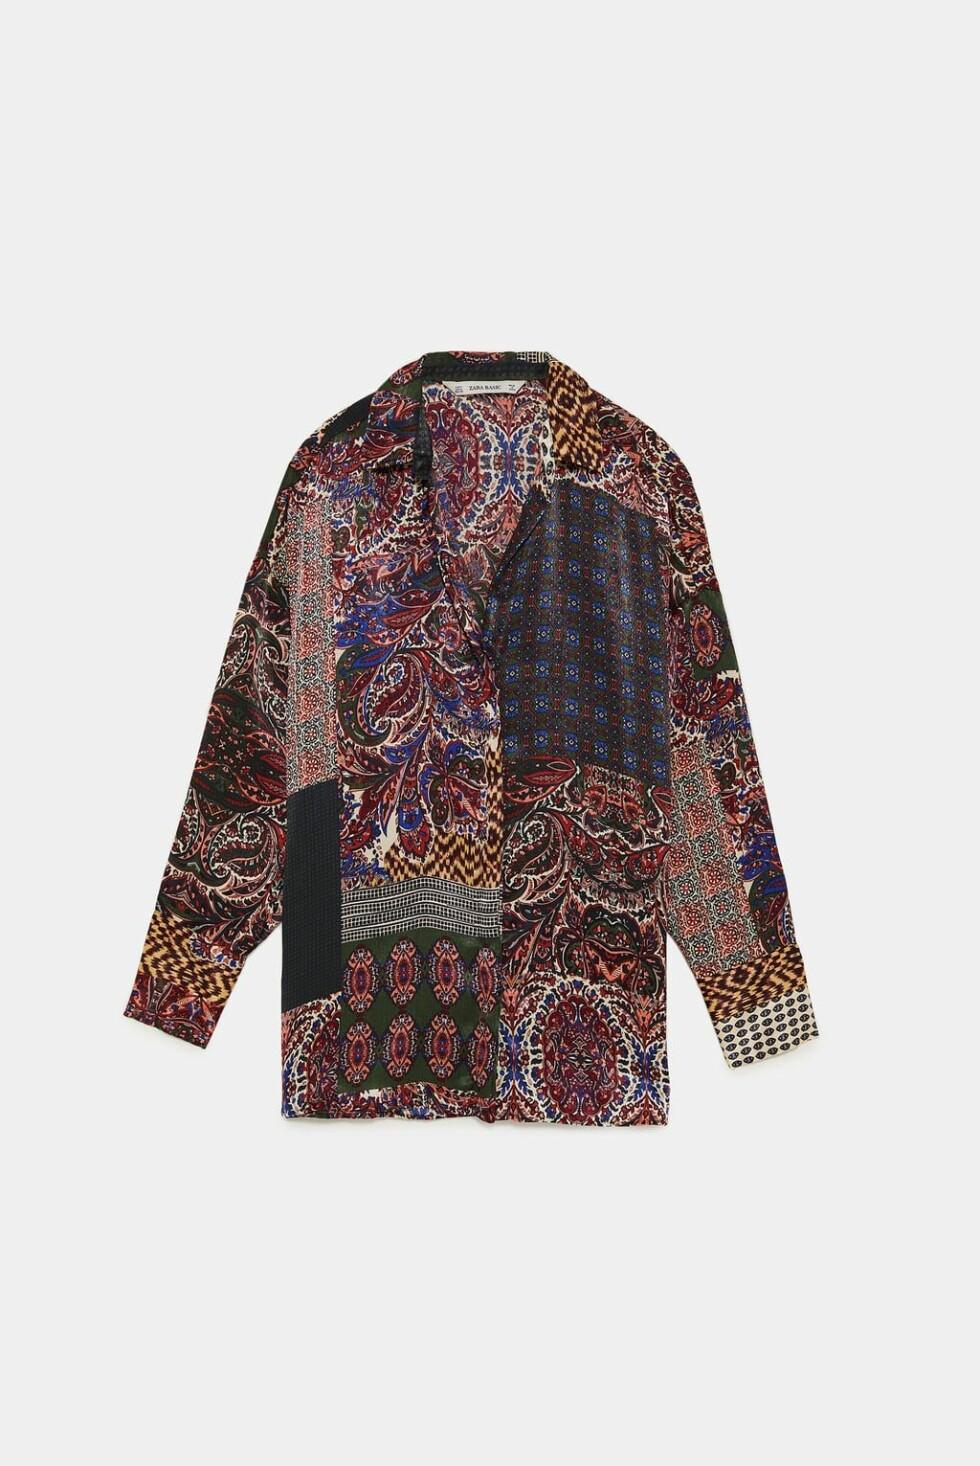 <strong>Skjorte fra Zara  350,-  https:</strong>//www.zara.com/no/no/skjorte-med-lappem%C3%B8nster-p08117142.html?v1=7145546&v2=1074755